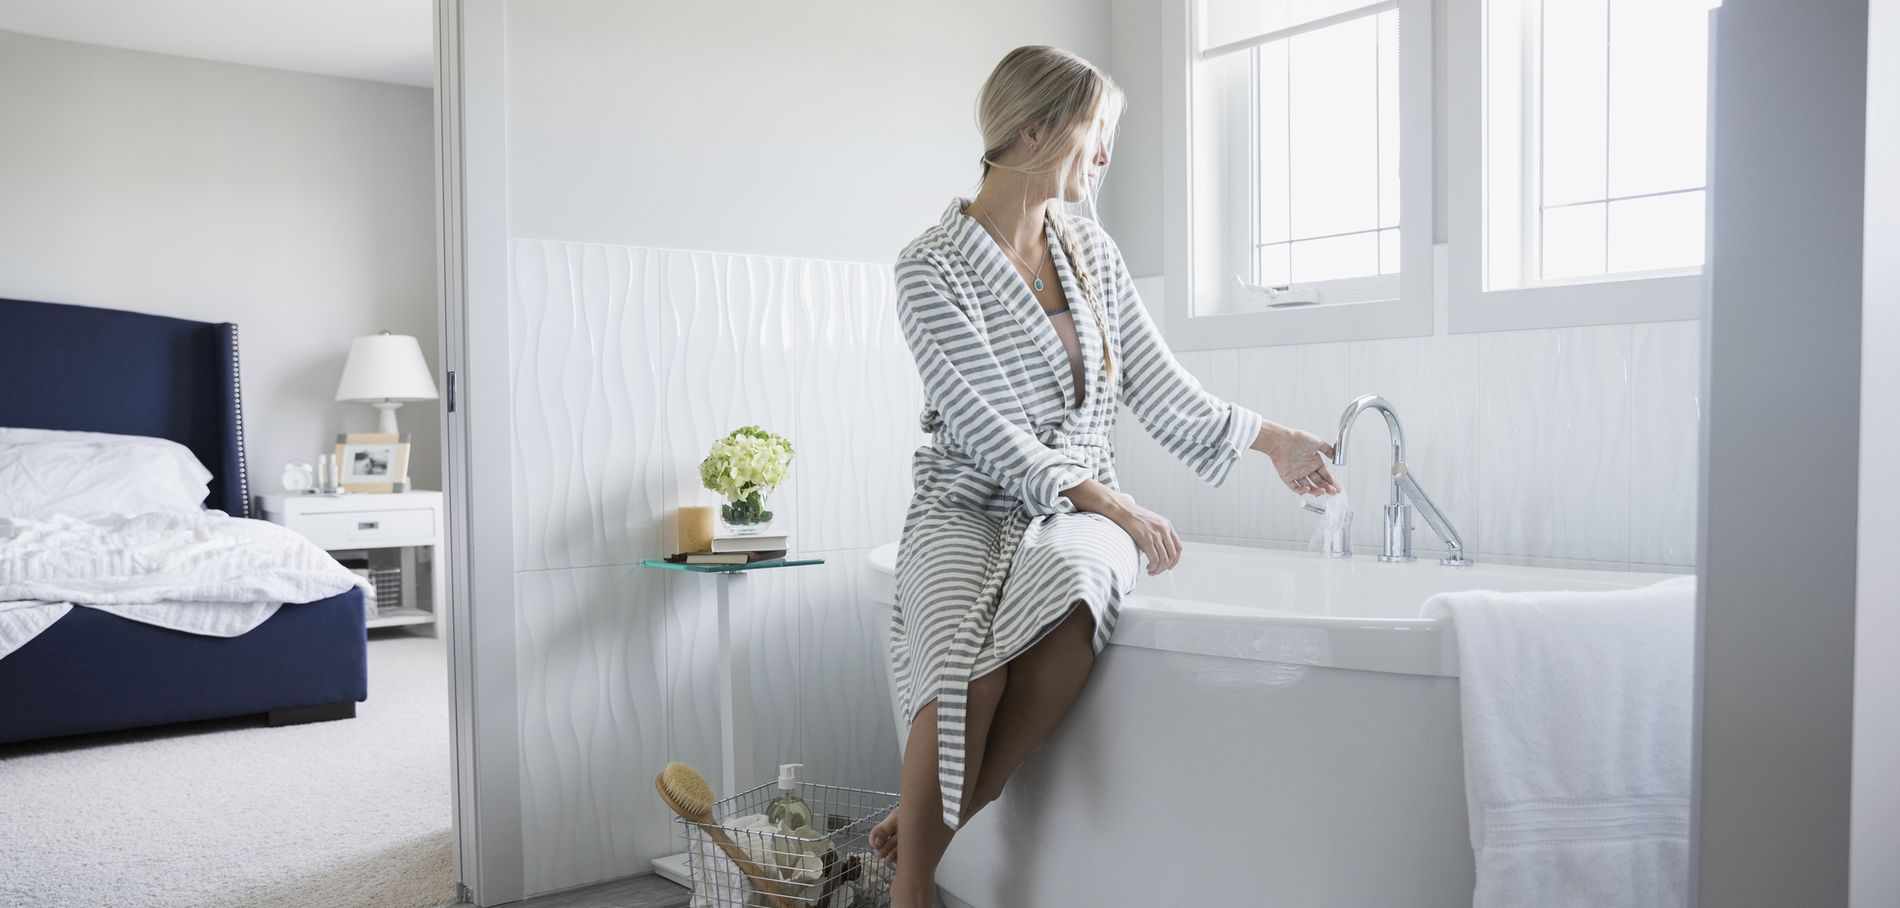 Les accessoires indispensables dans une salle de bains for Les accessoires salle de bain